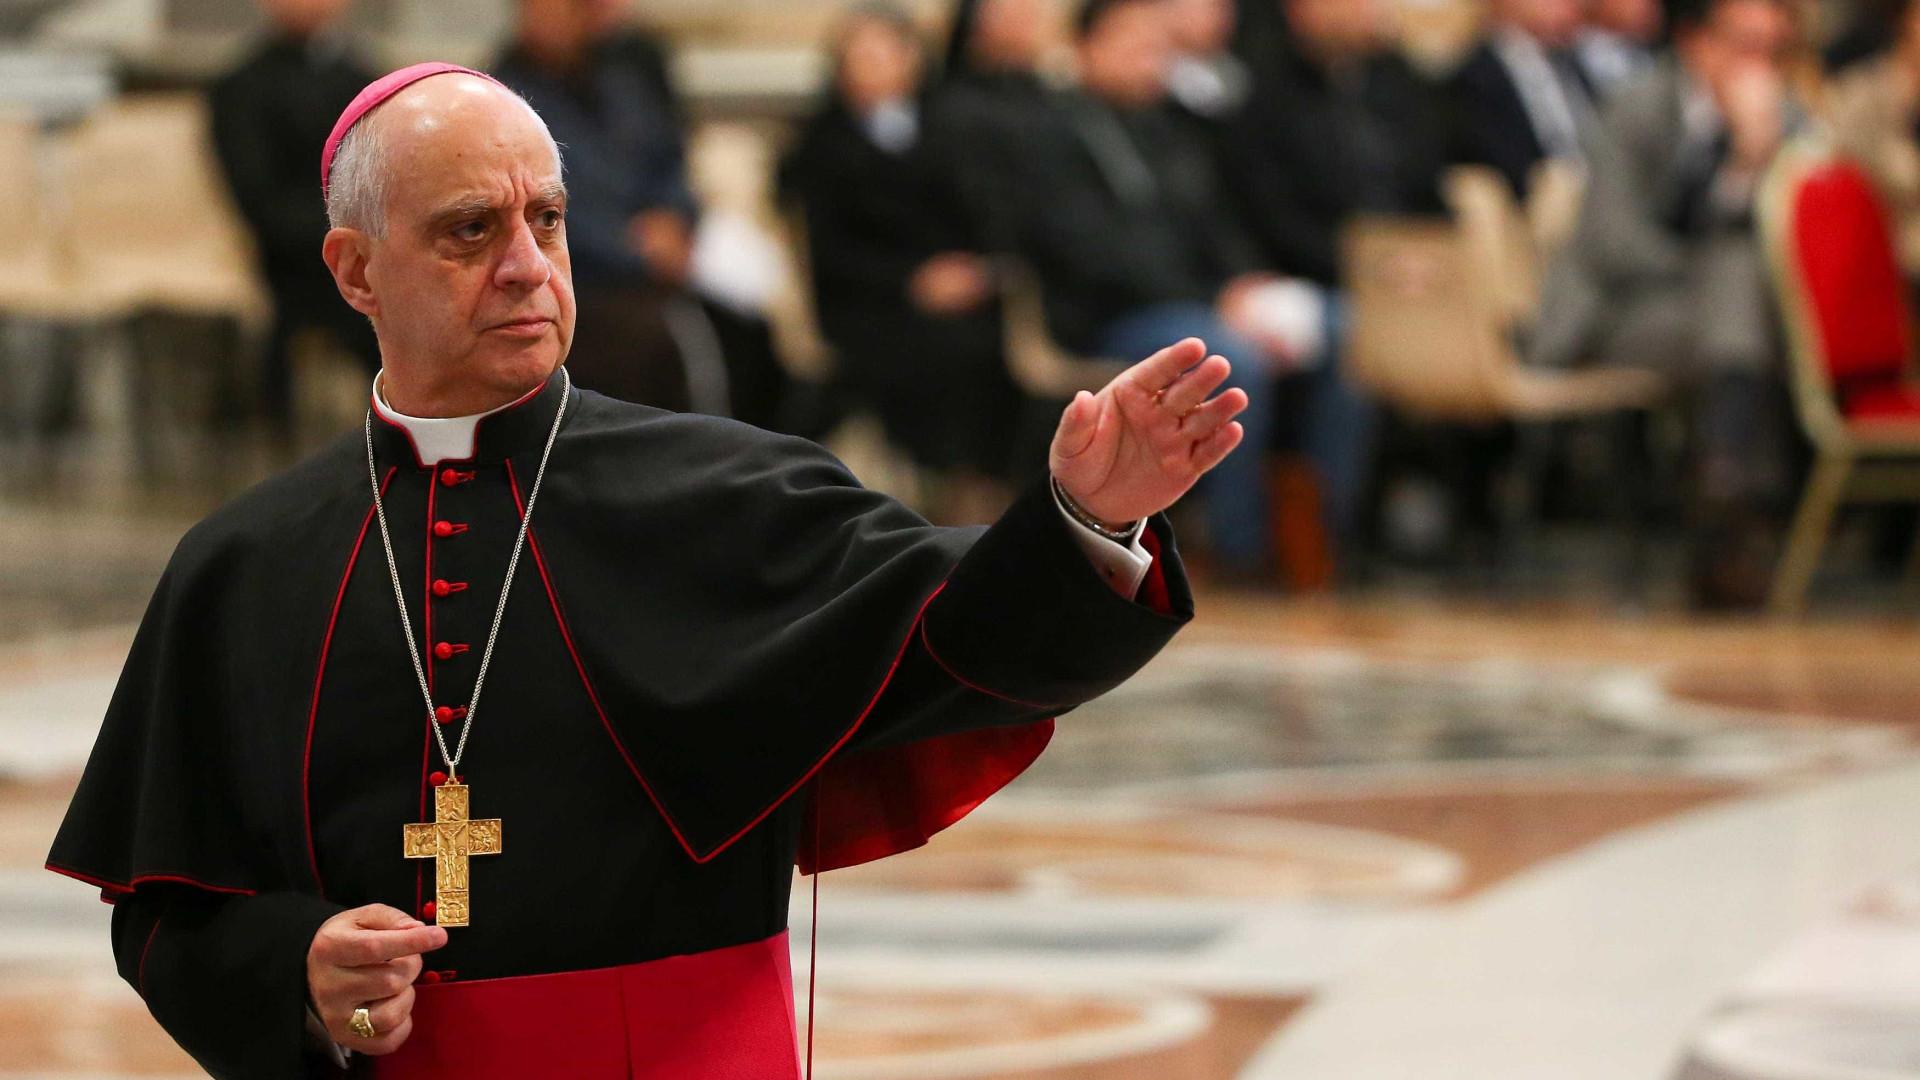 Migrações: Arcebispo Fisichella diz que não se pode olhar para o lado